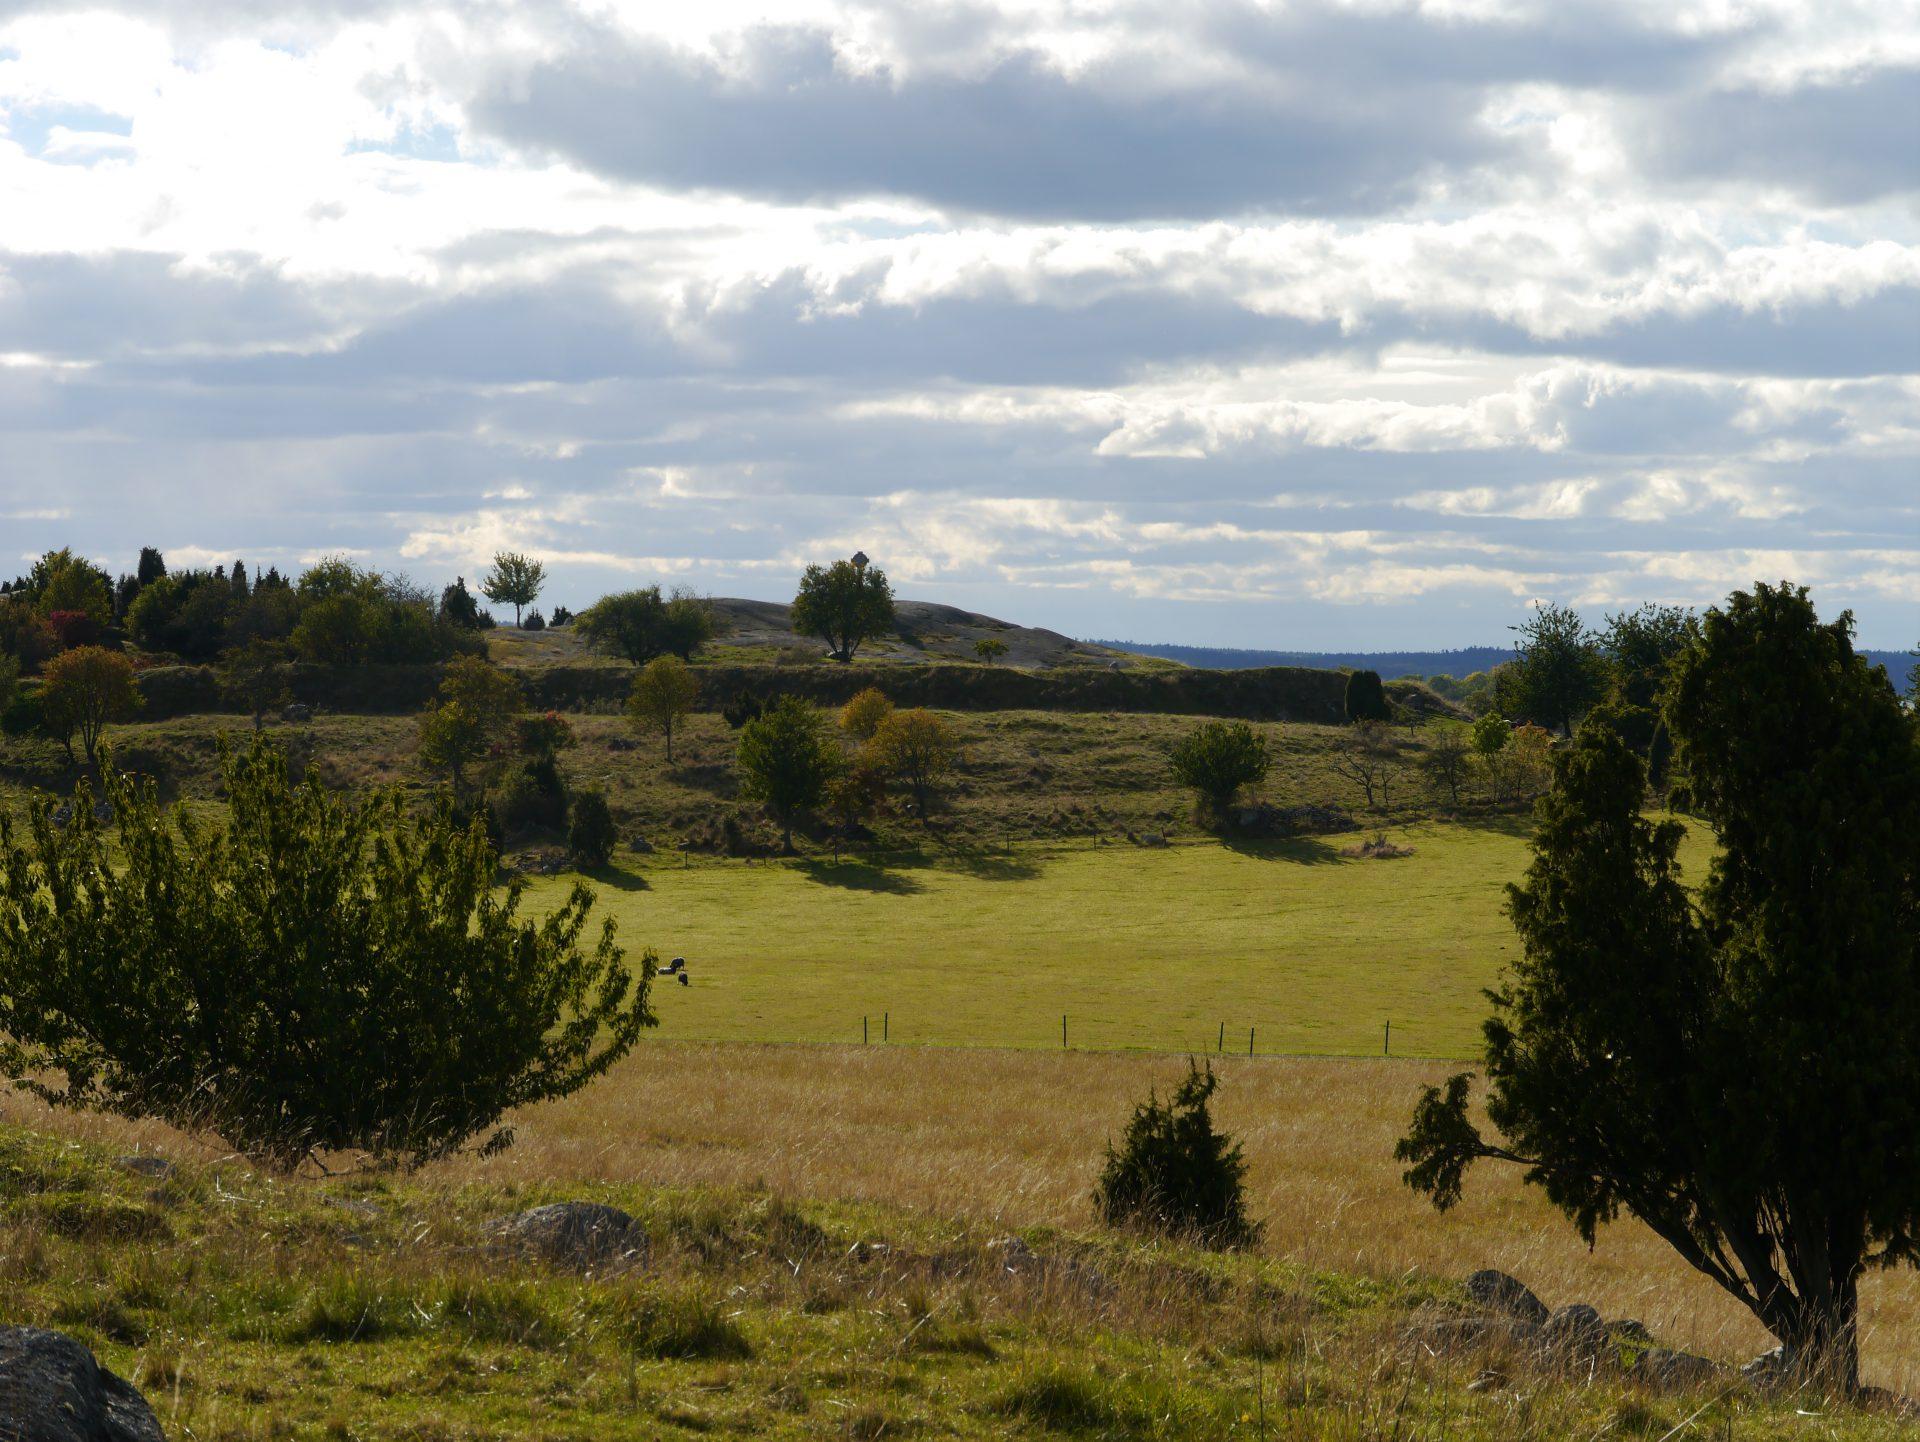 Foto av vy över soligt ängslandskap på ön Björkö. Bilden visar platsen där rester av staden Birka har hittats